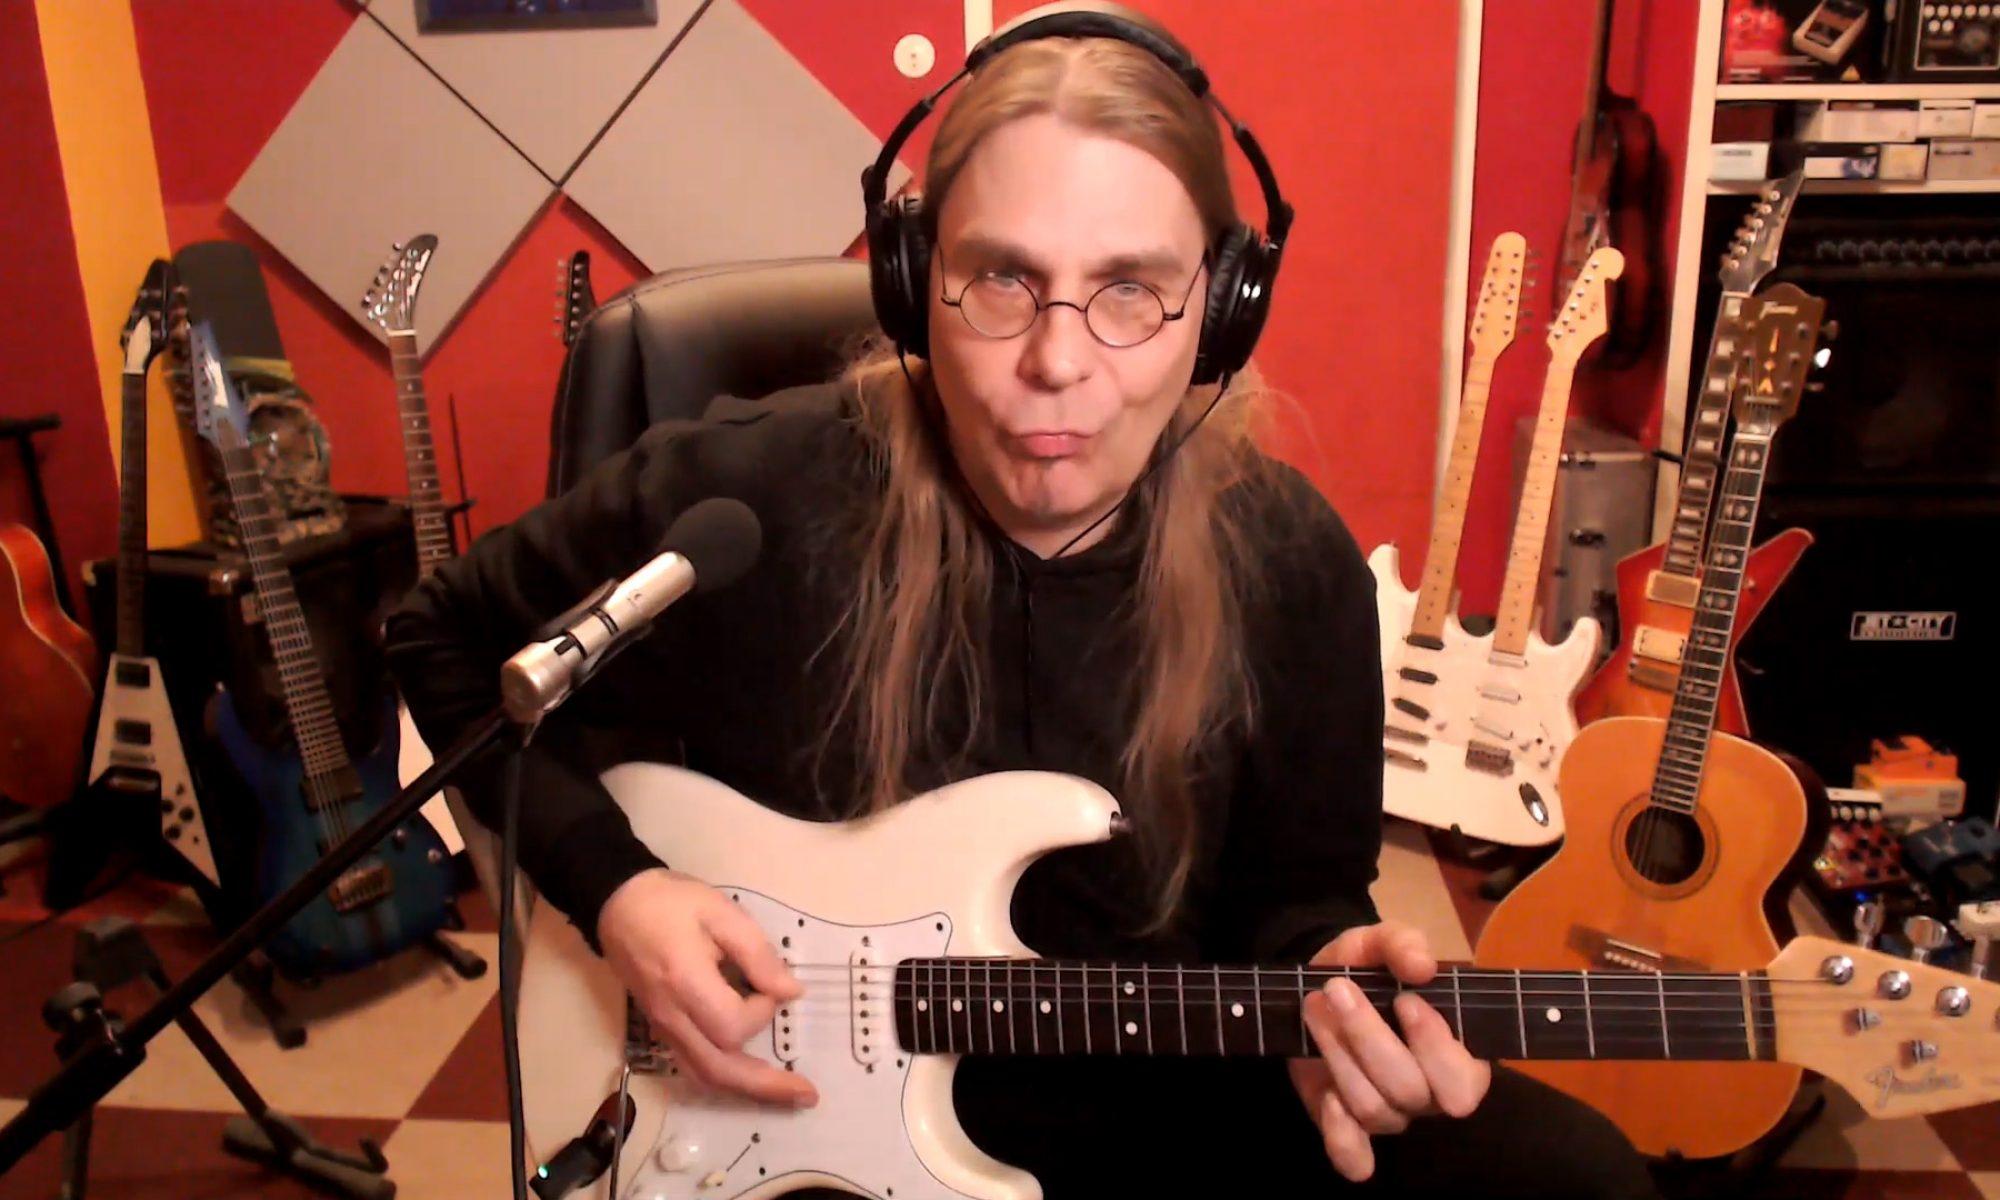 G.O.D. - Guitar-on-demand